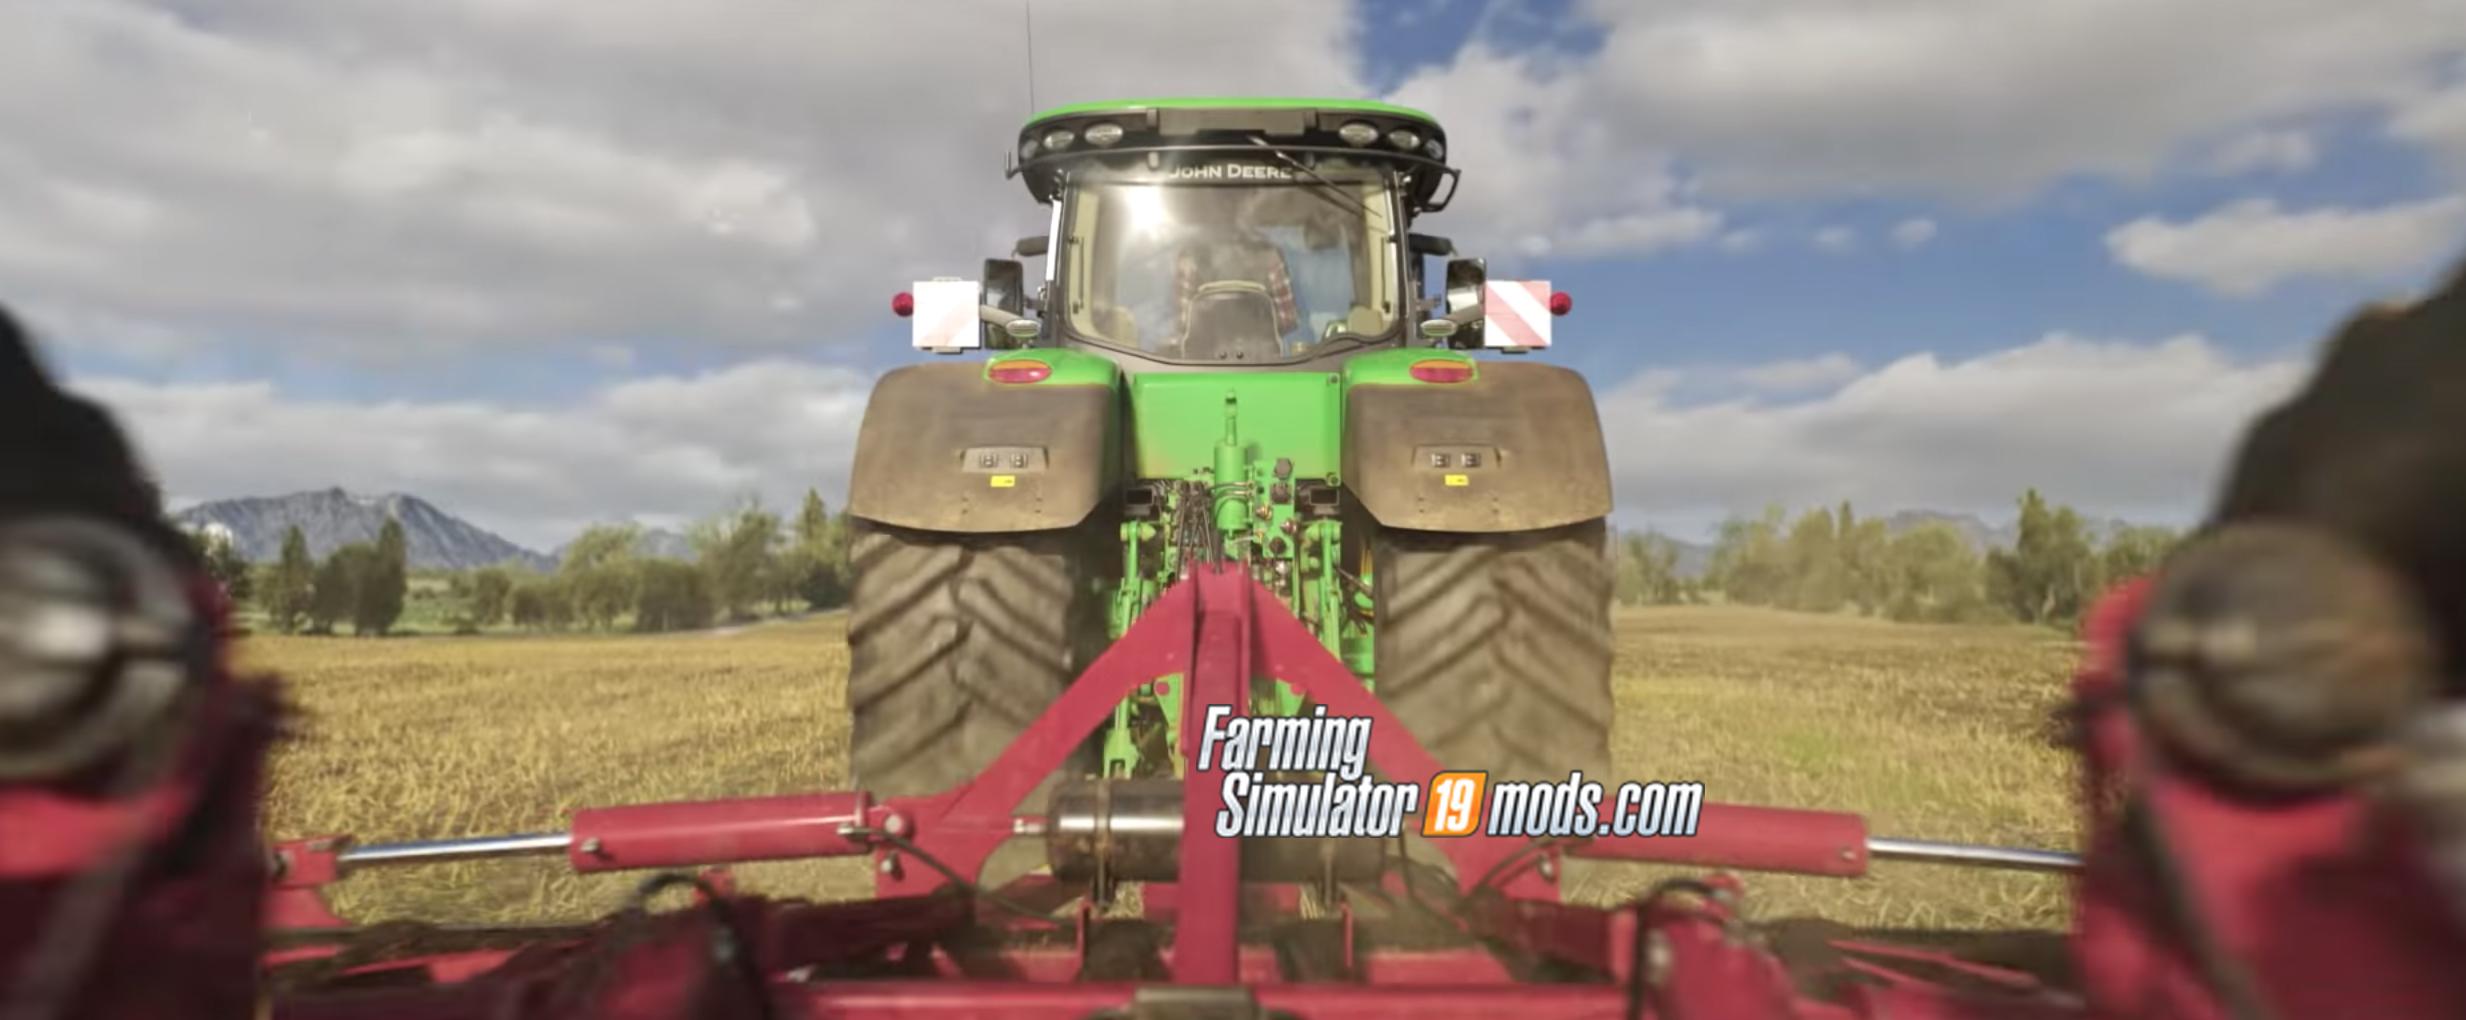 Detailed 19 Screenshots of Jong Deere Tractor in Farming